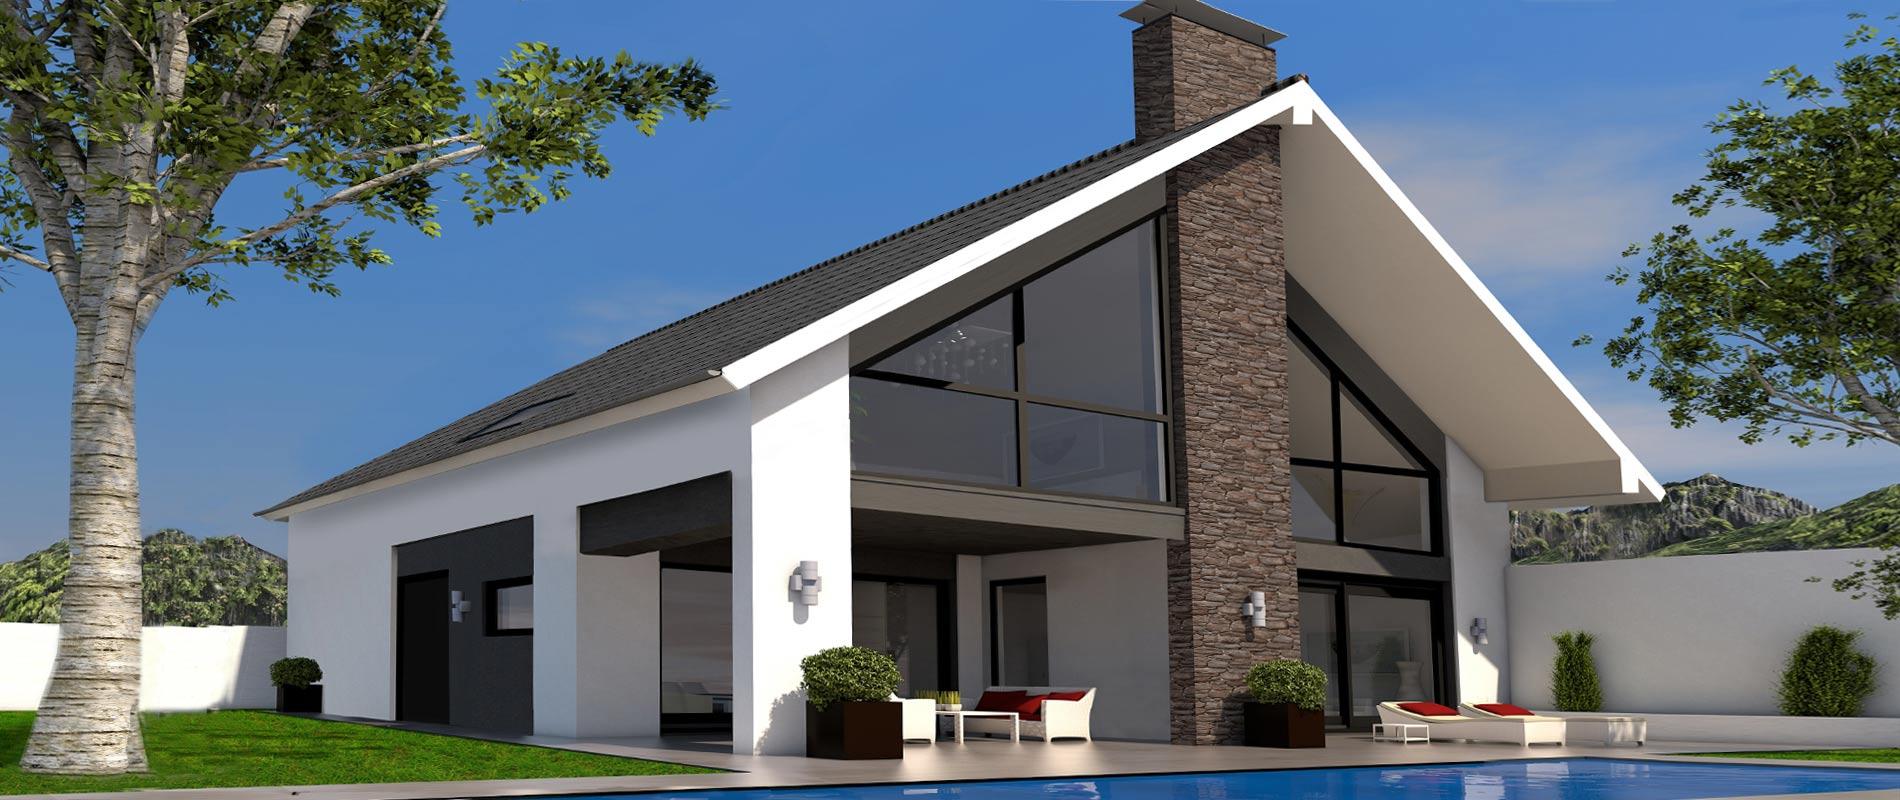 Kofinas-prokataskeuasmena-villa-prasini domisi-spiti oneirwn-khpos-pisina design new home kofinas-Prefabricated